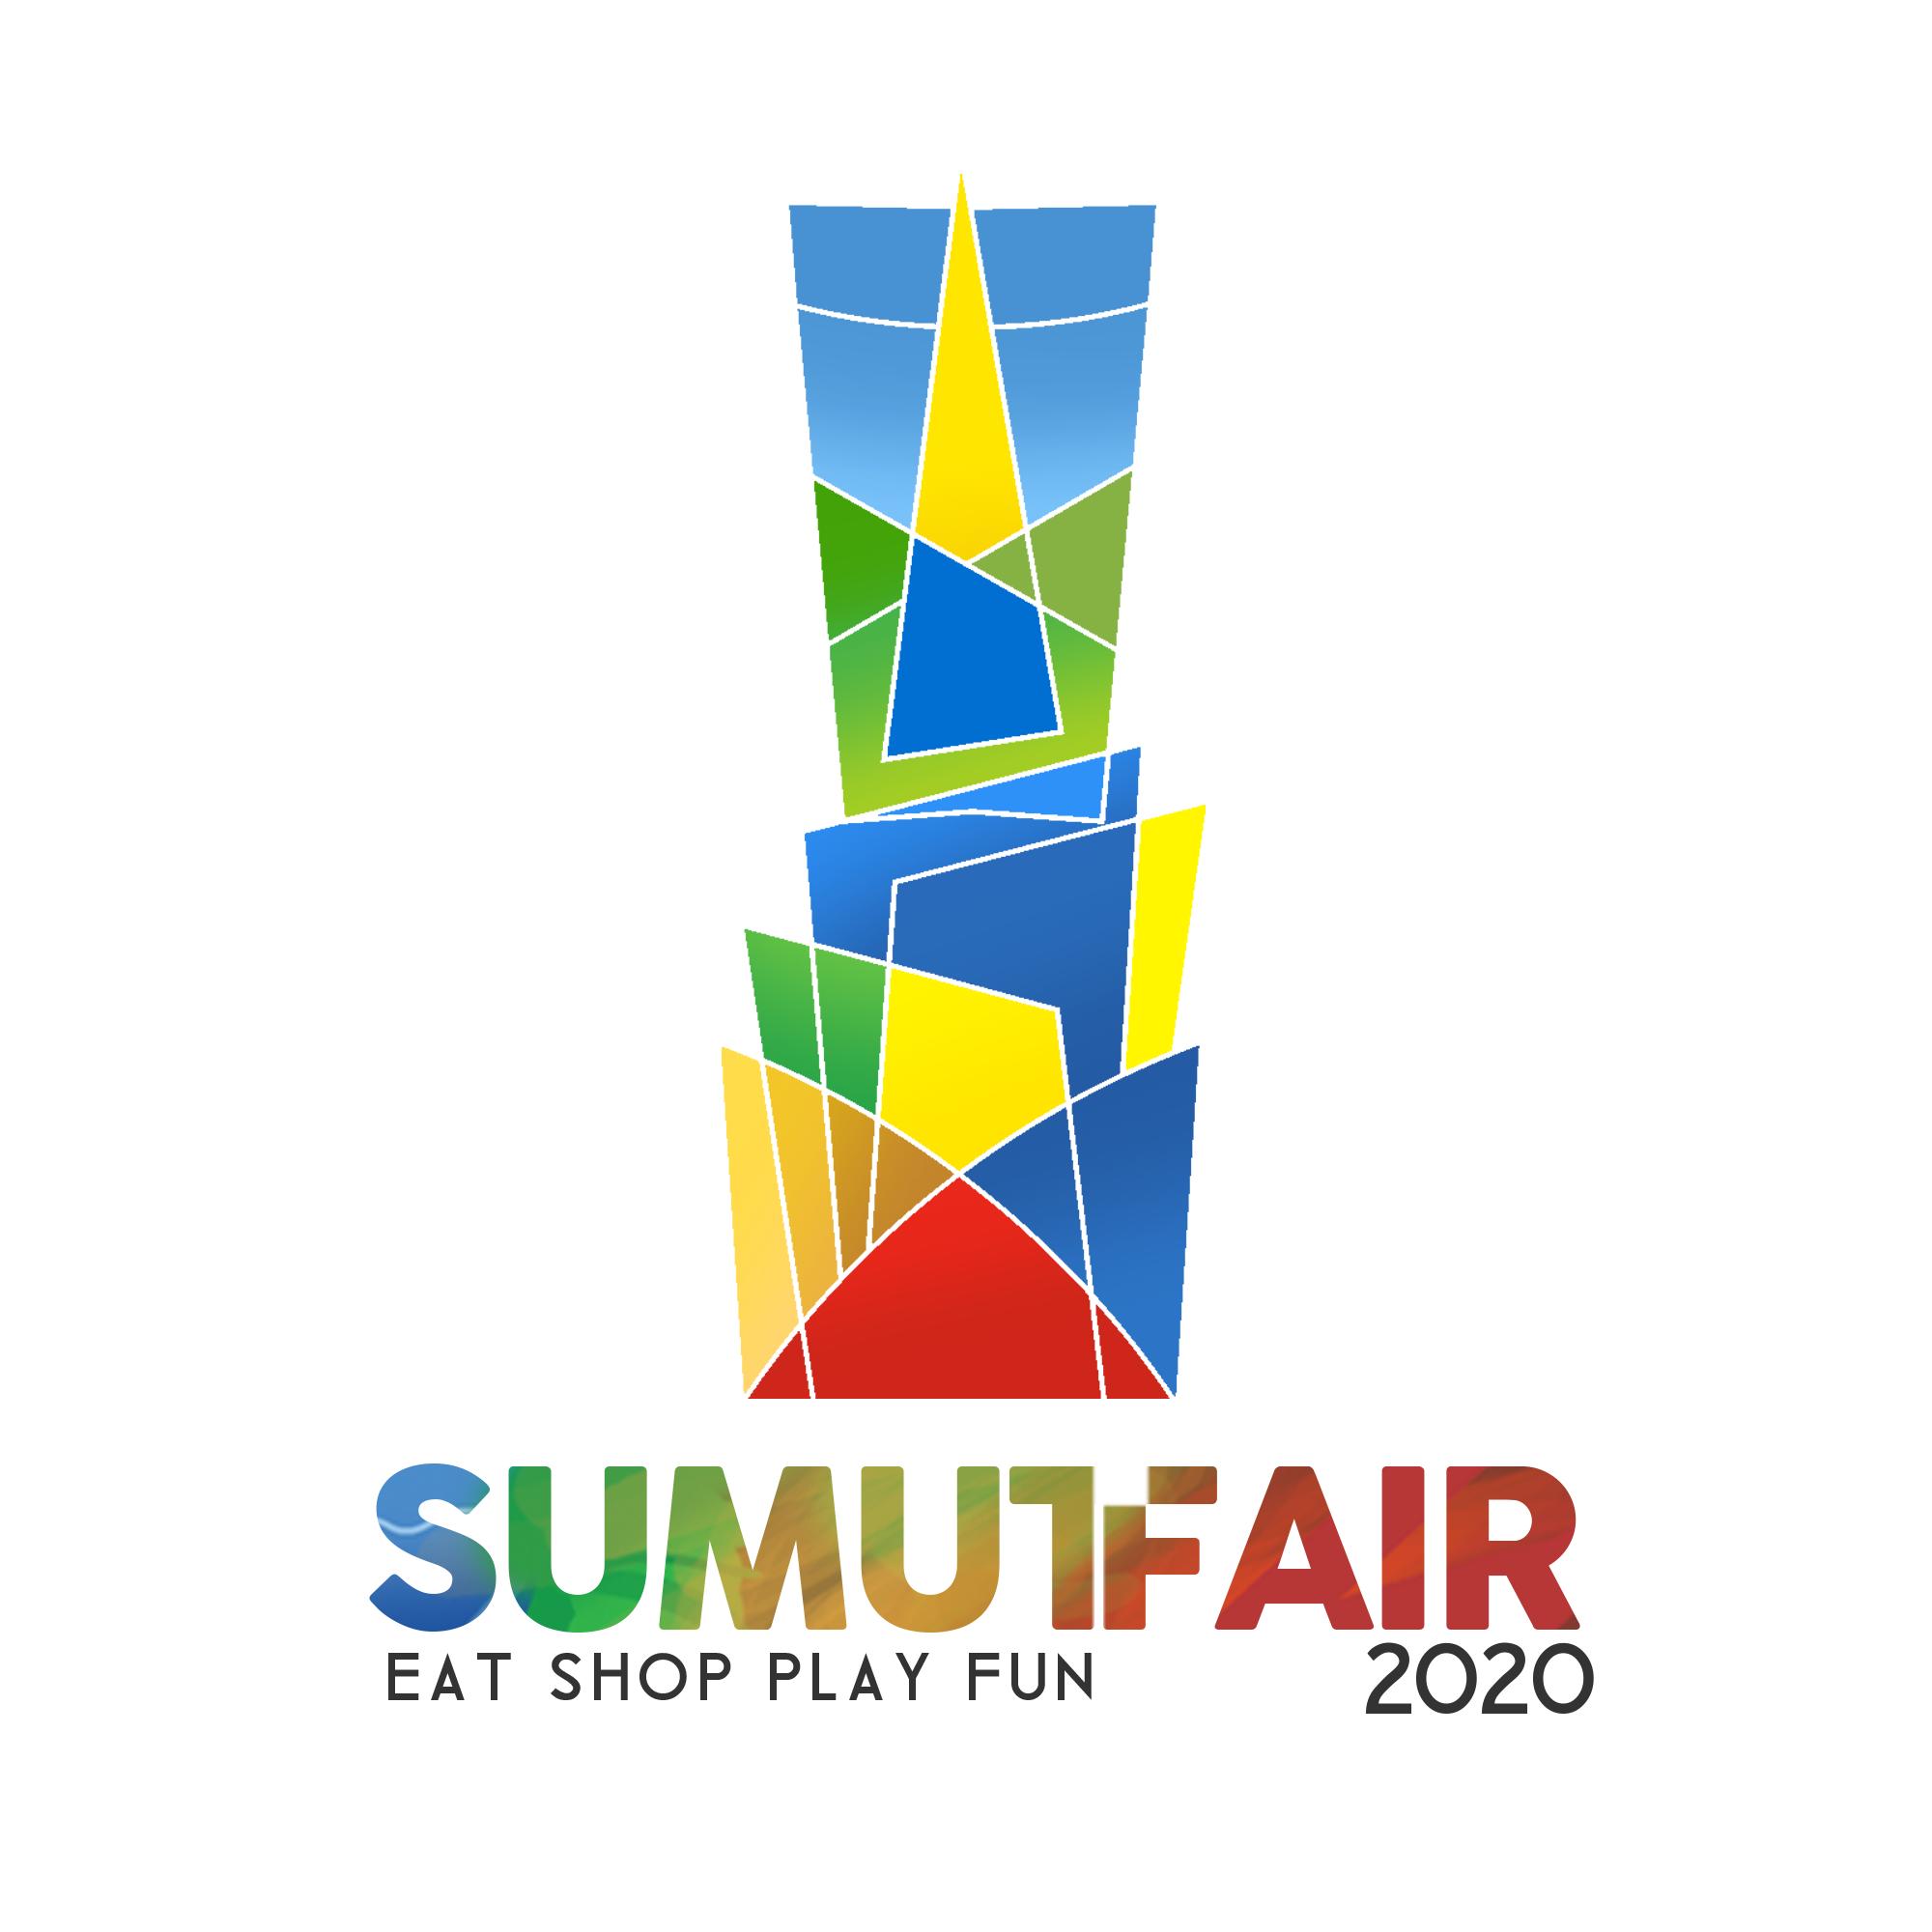 Sumut Fair 2020 Ditunda